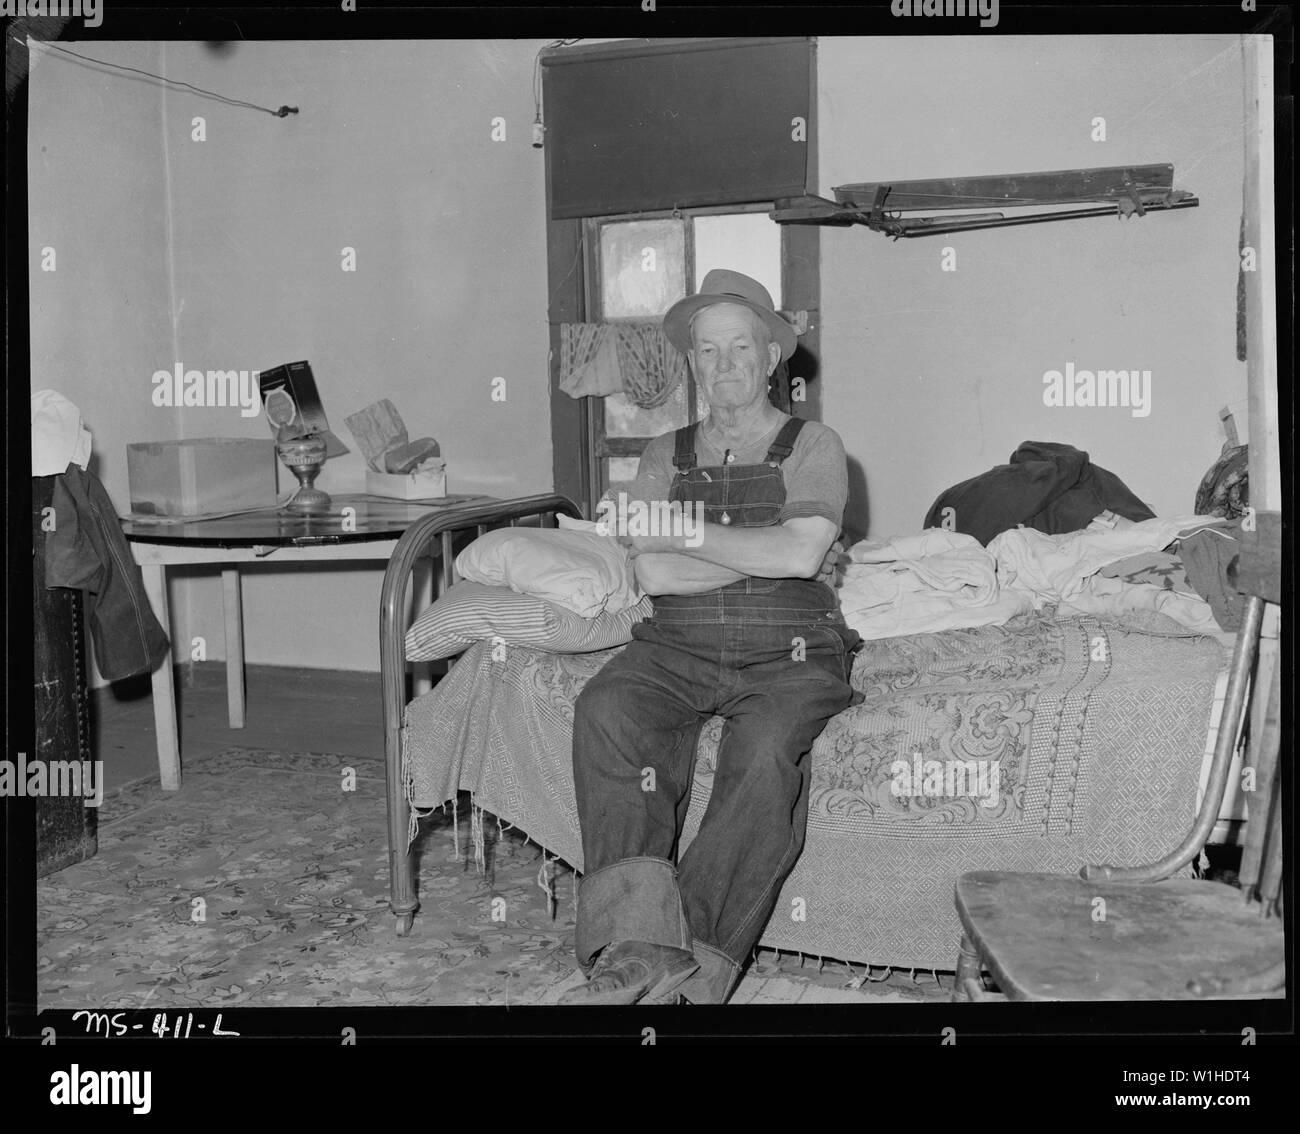 Viejo minero, de 82 años de edad, quien fue activo en la configuración de esta mina. Perdieron sus derechos a pensión por visitar fuera del estado, ahora ha regresado, pero todavía es inelegible para la pensión de vejez debido a la falta de estado la condición de residente. Huerfano Coal Company, Ludlow Mina, Ludlow, Las Animas County, Colorado. Foto de stock